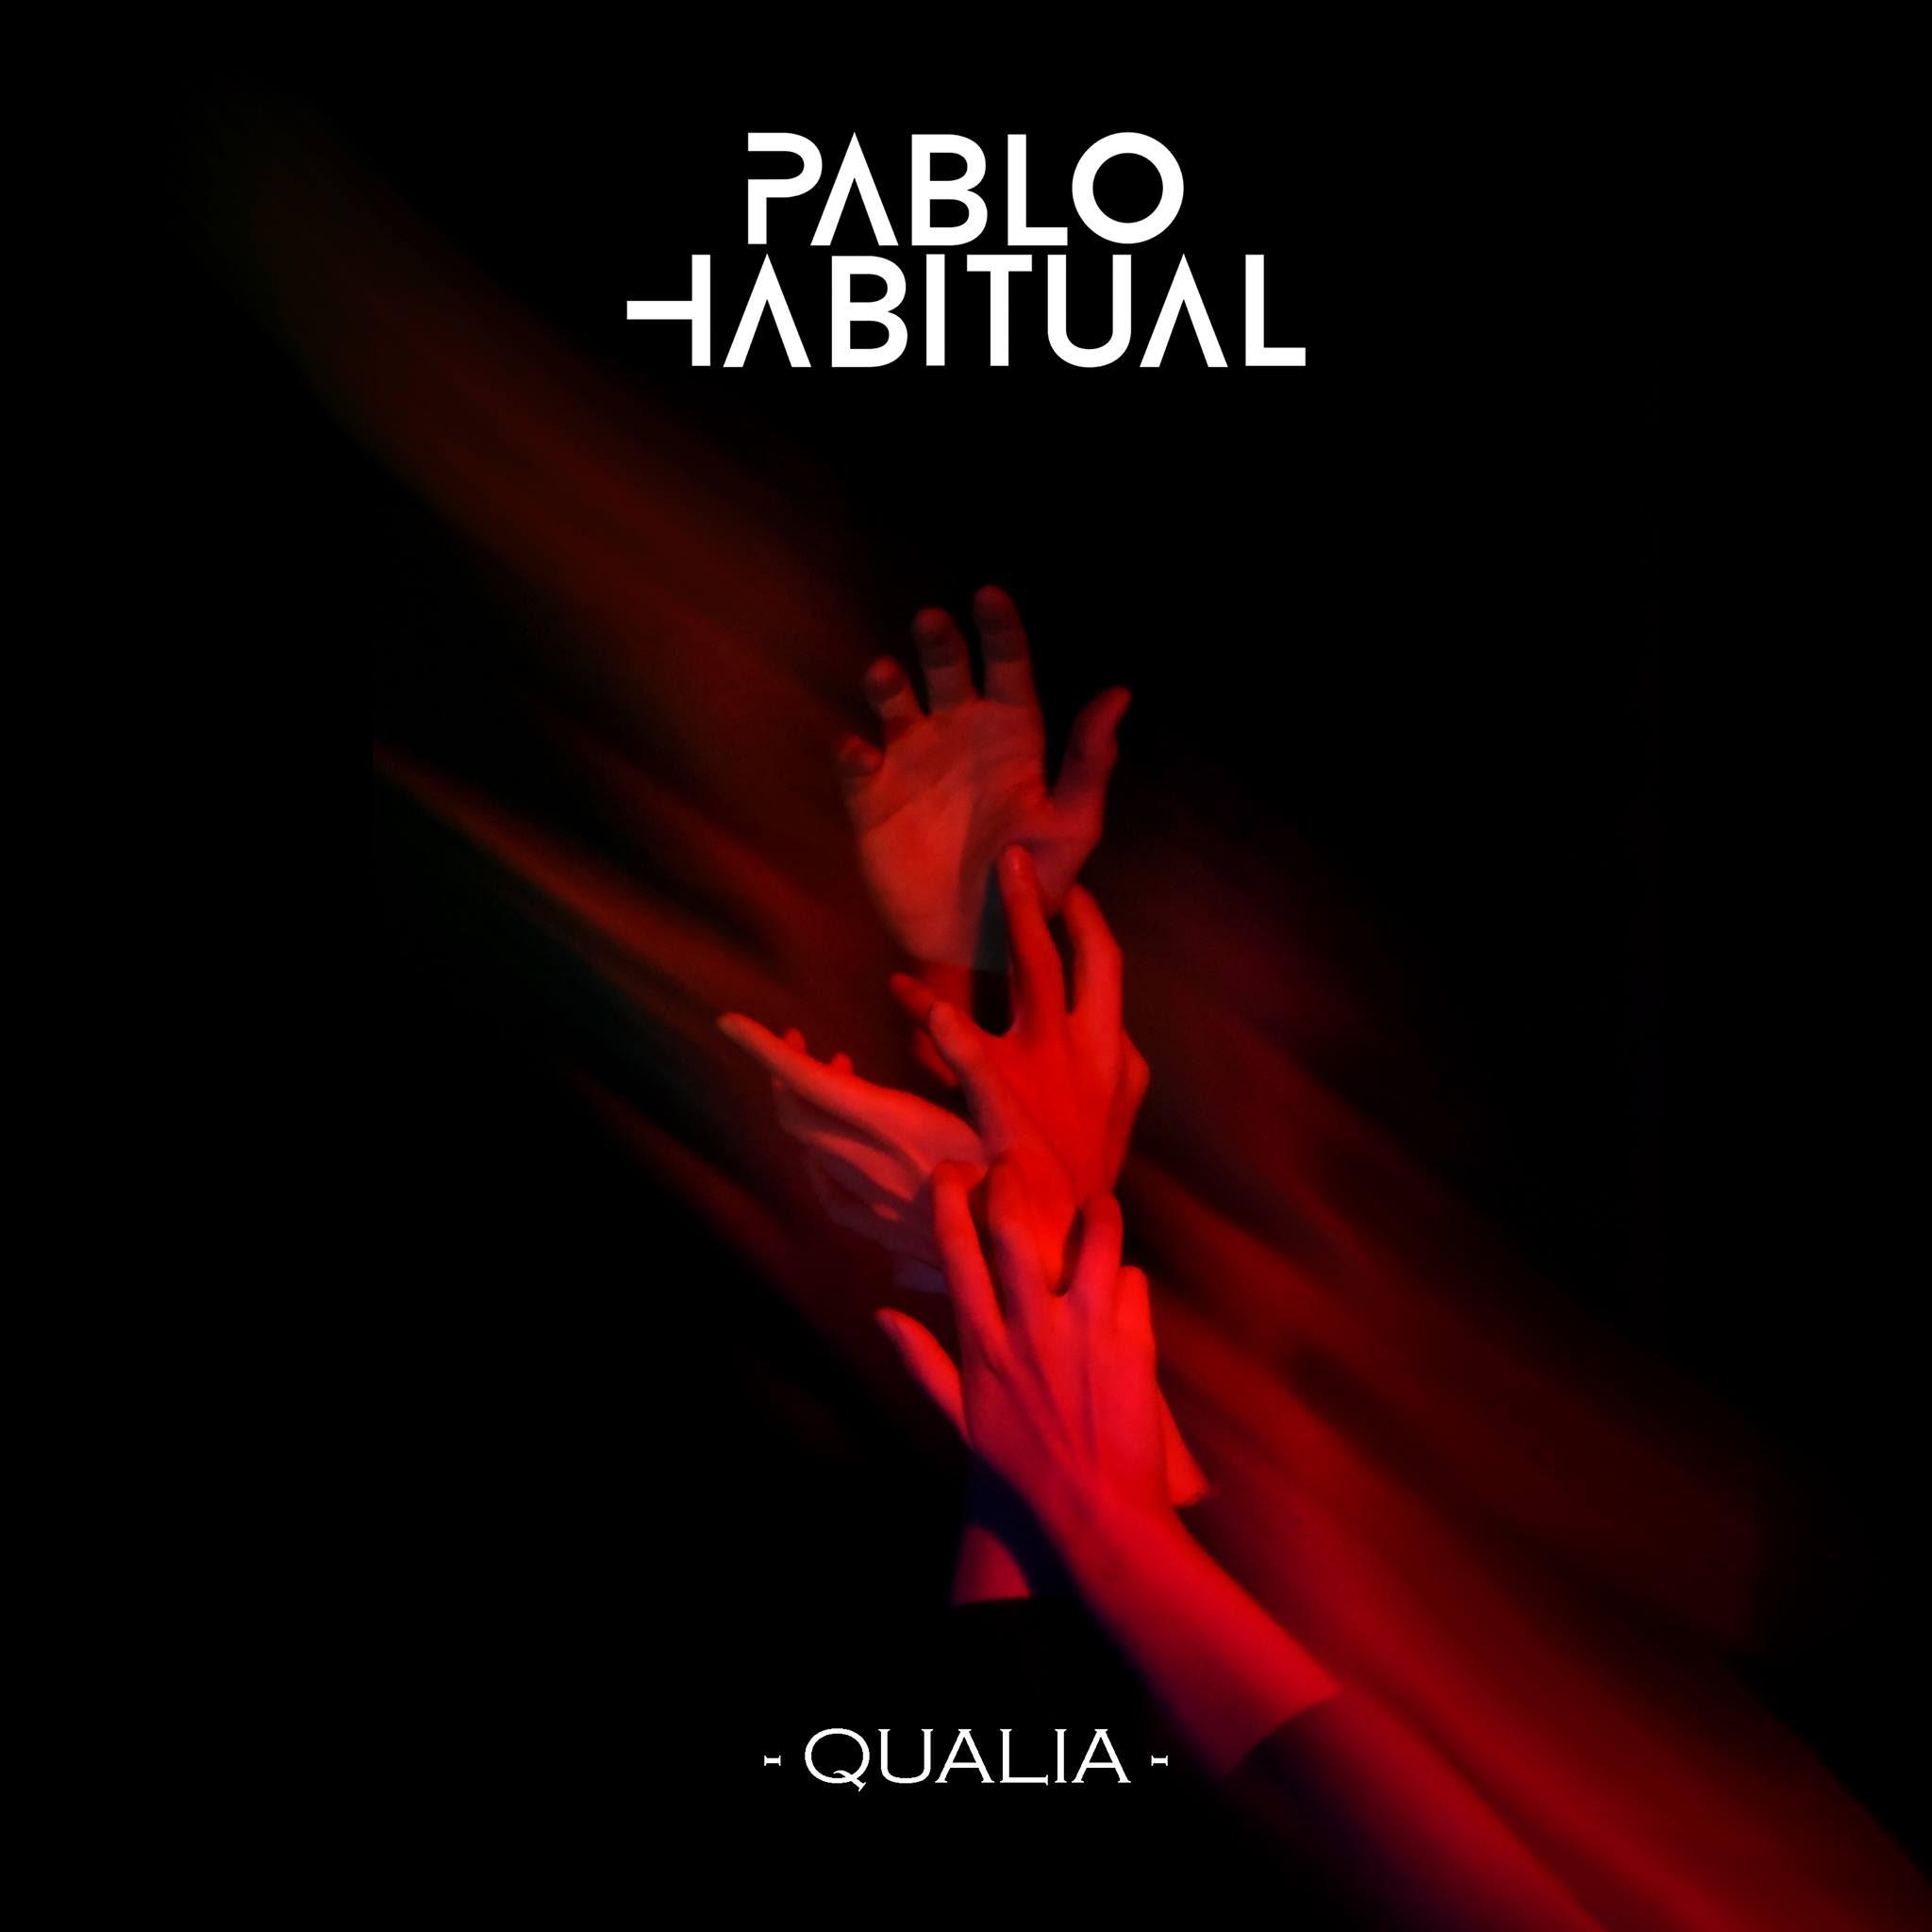 """Pablo Habitual presenta su nuevo álbum Qualia """"El sonido que rompe con lo establecido"""""""